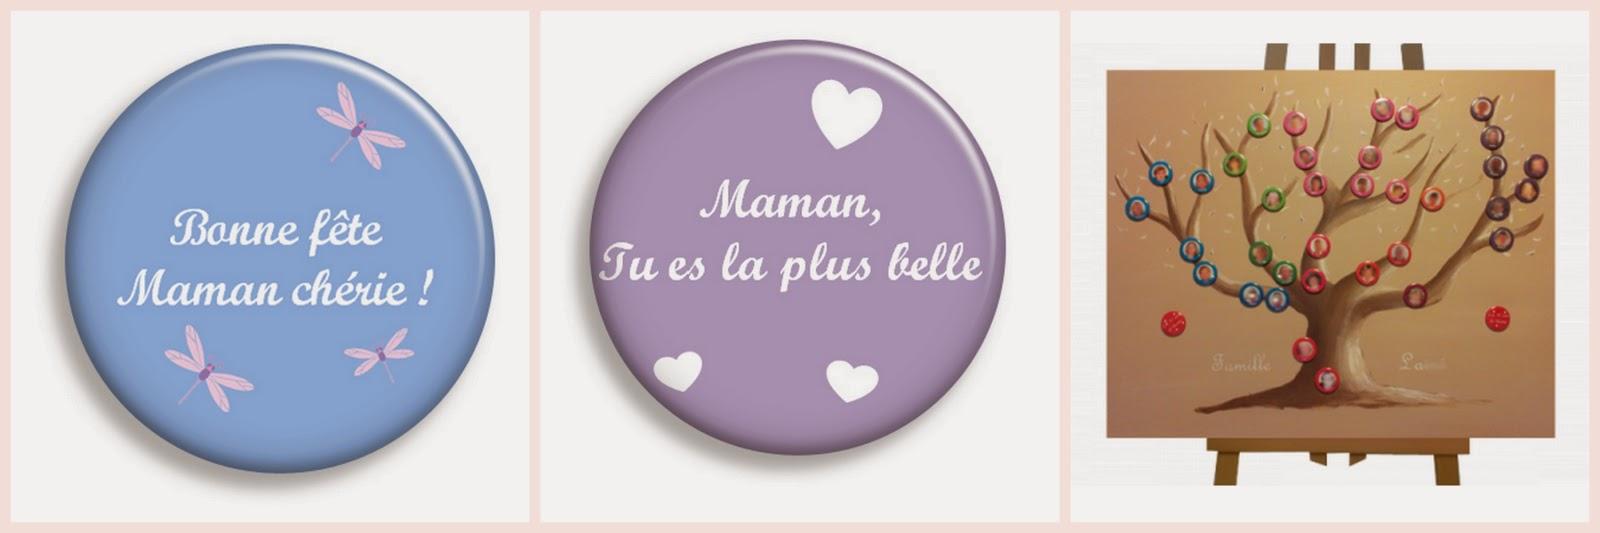 Paris à l'ouest - Magnet Your Life